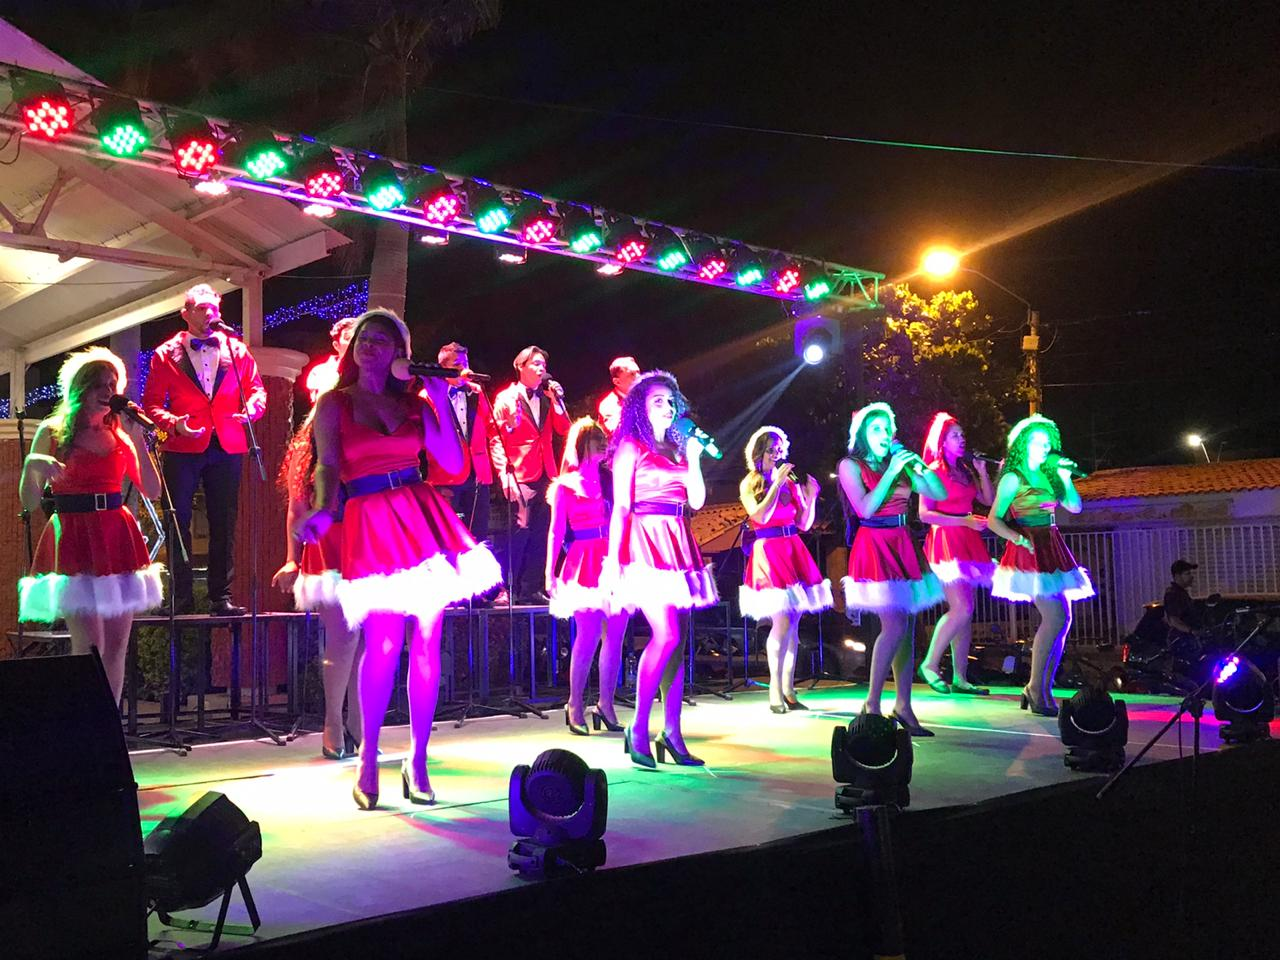 Show de Navidad en Plazuela 23 a cargo del grupo Armonía.